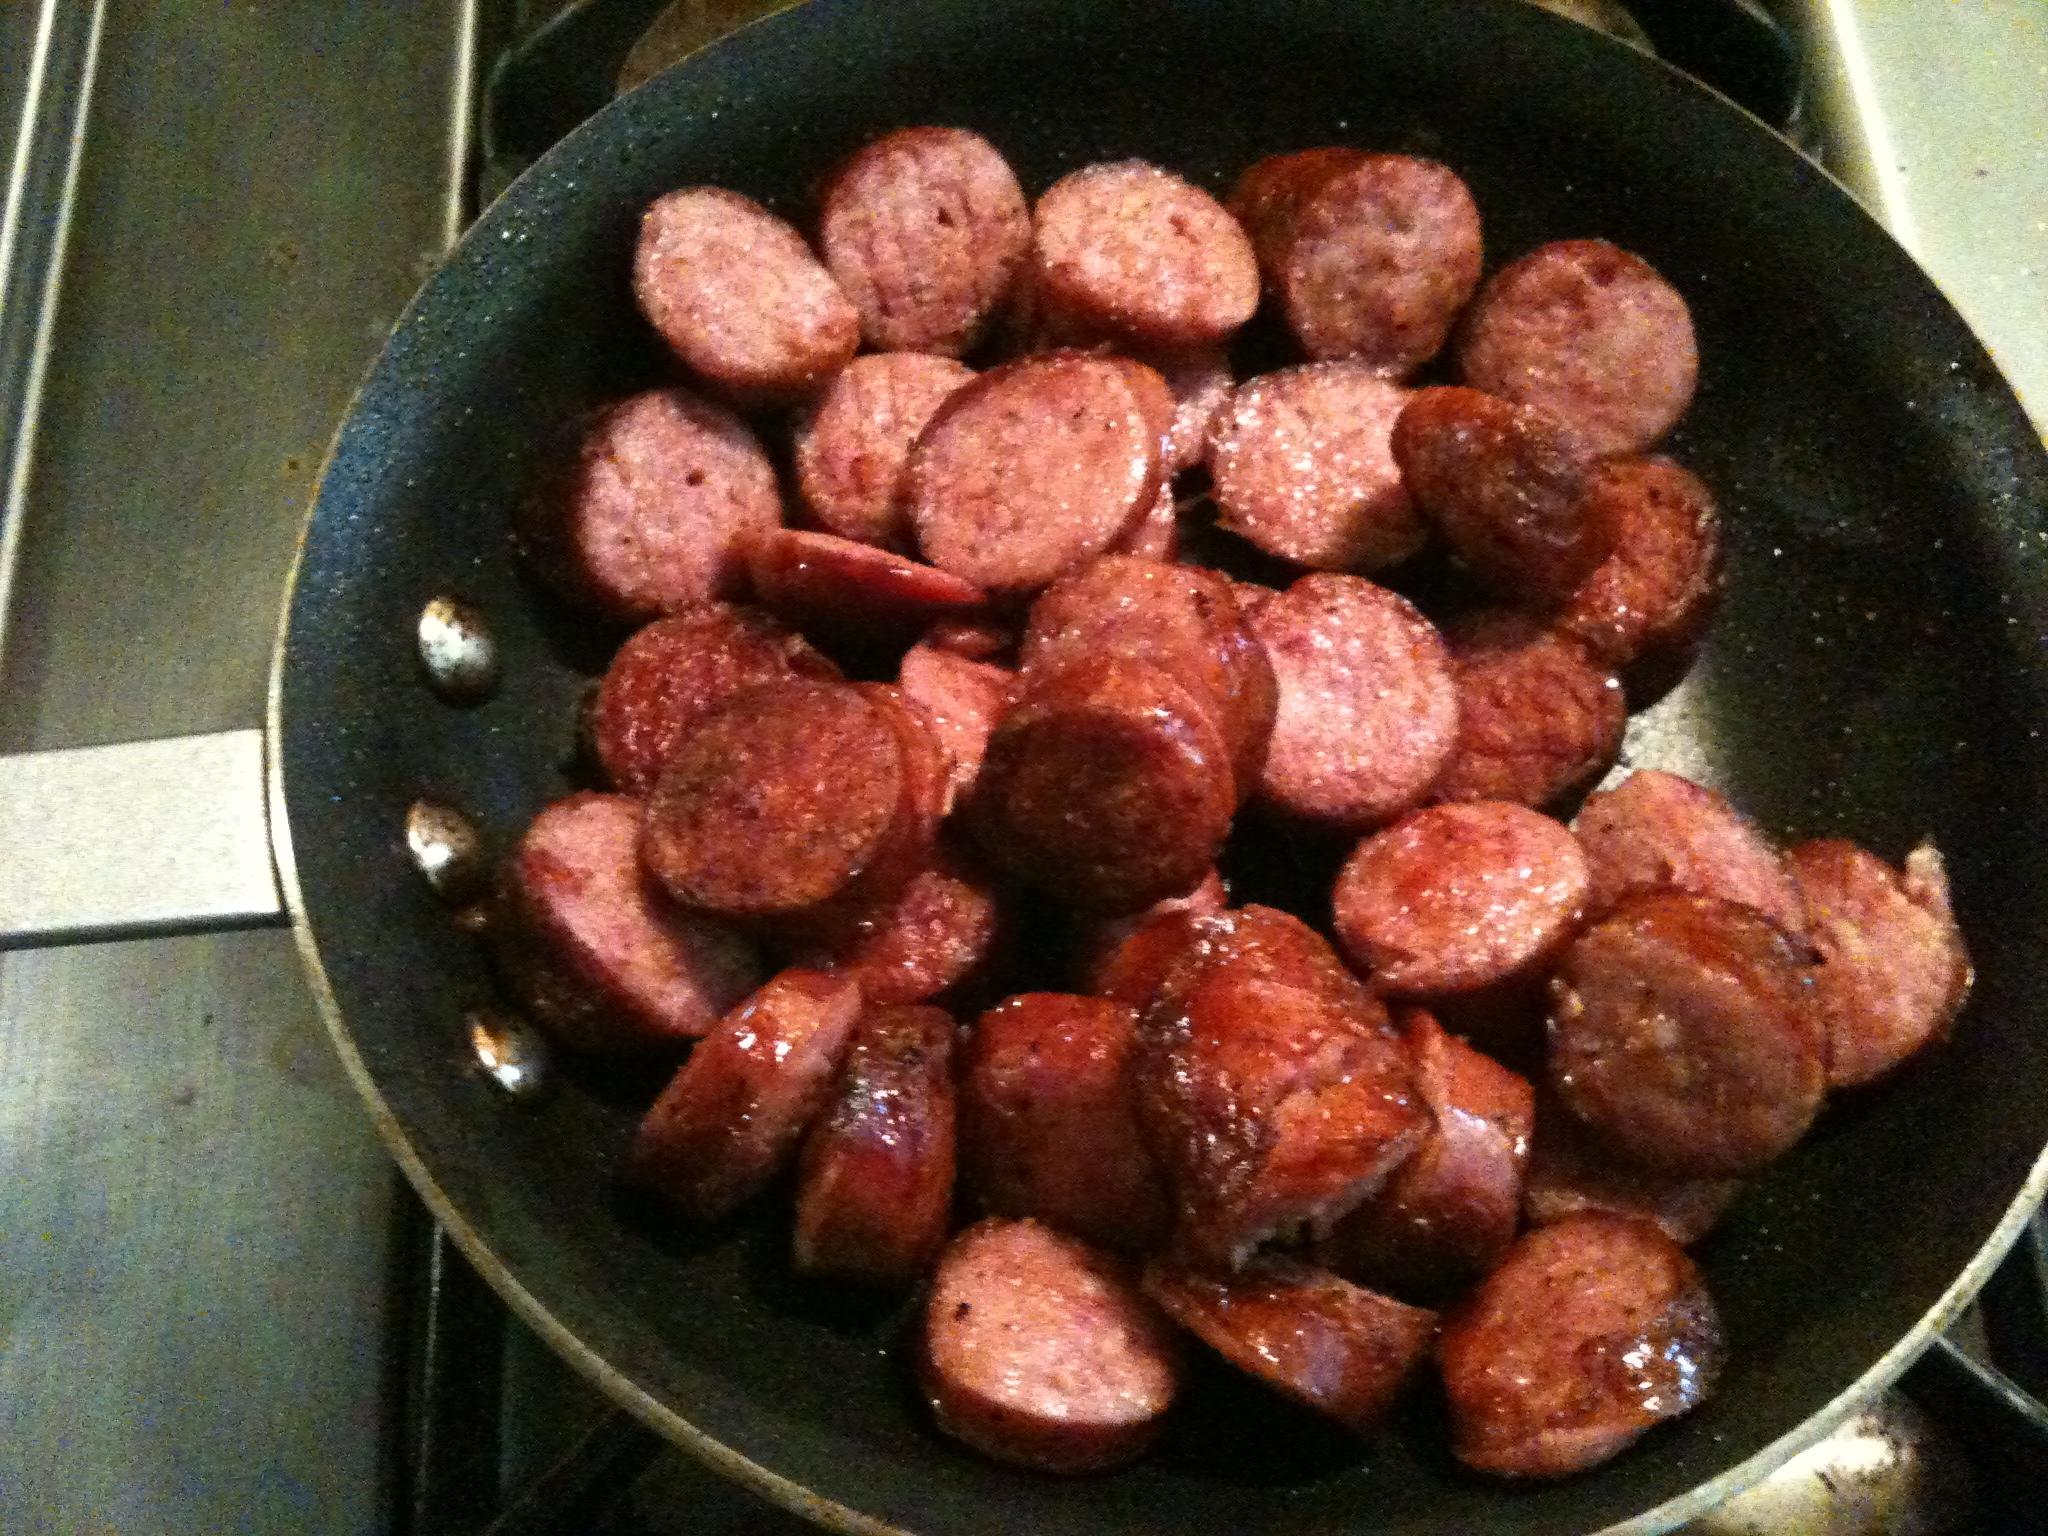 Sausage- Venison and Pork